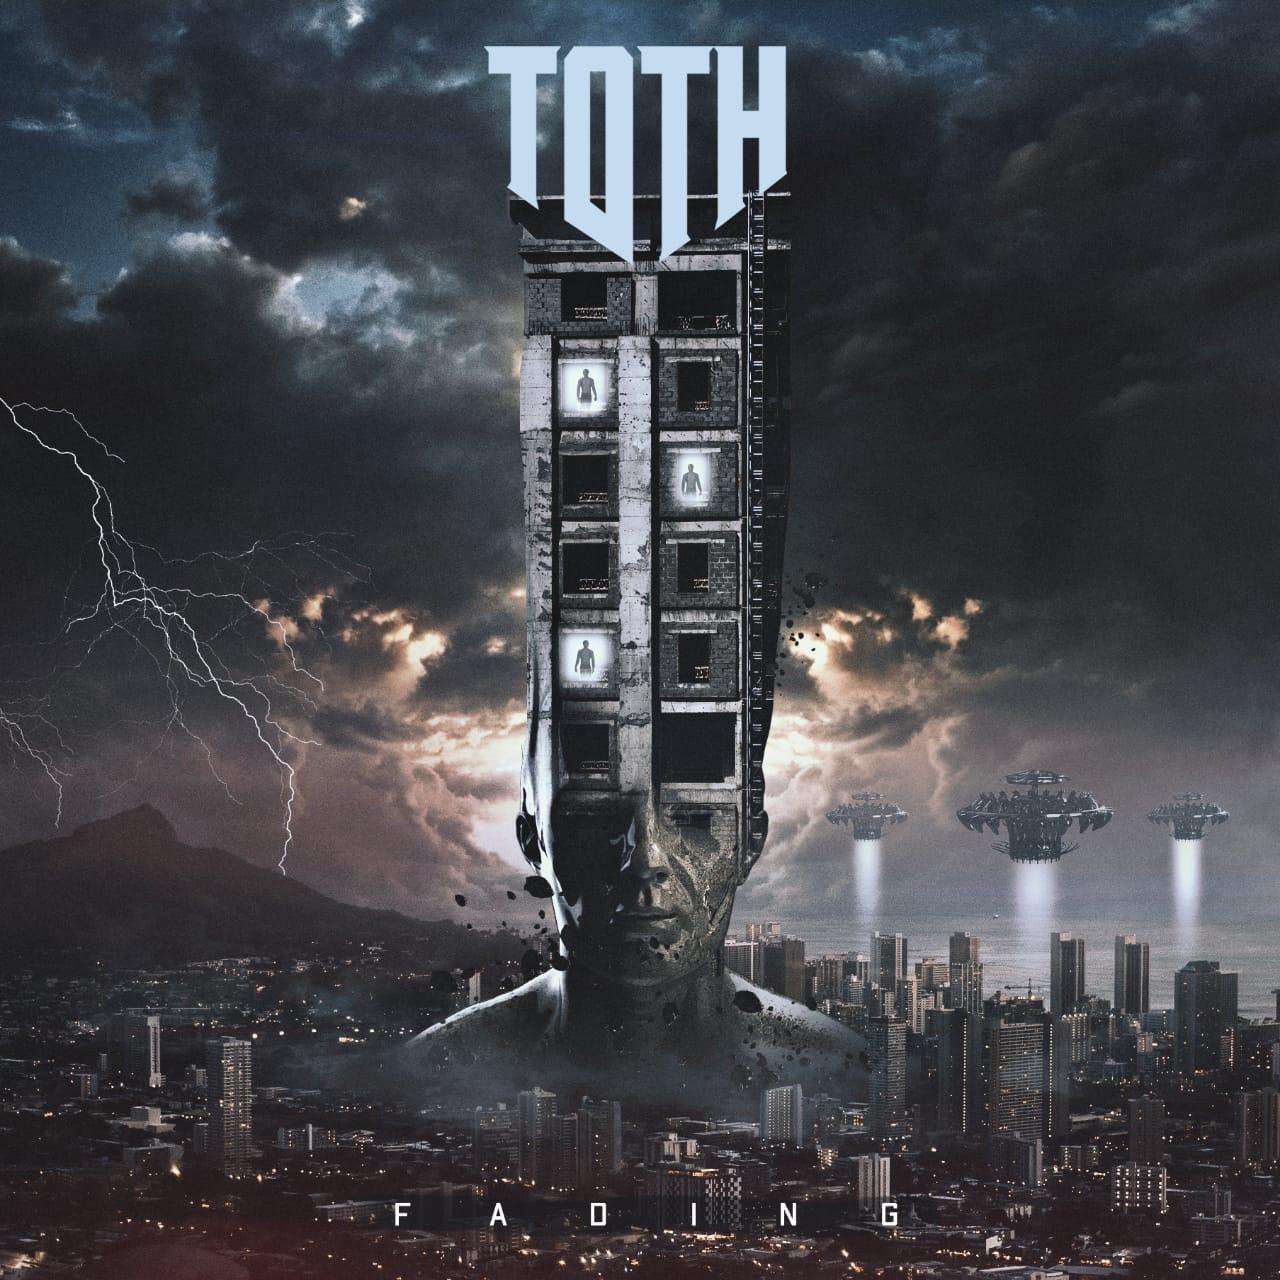 """Toth: Banda lança """"Fading"""", segundo single do EP """"Rise Of The Gods"""" que chega em outubro 2"""